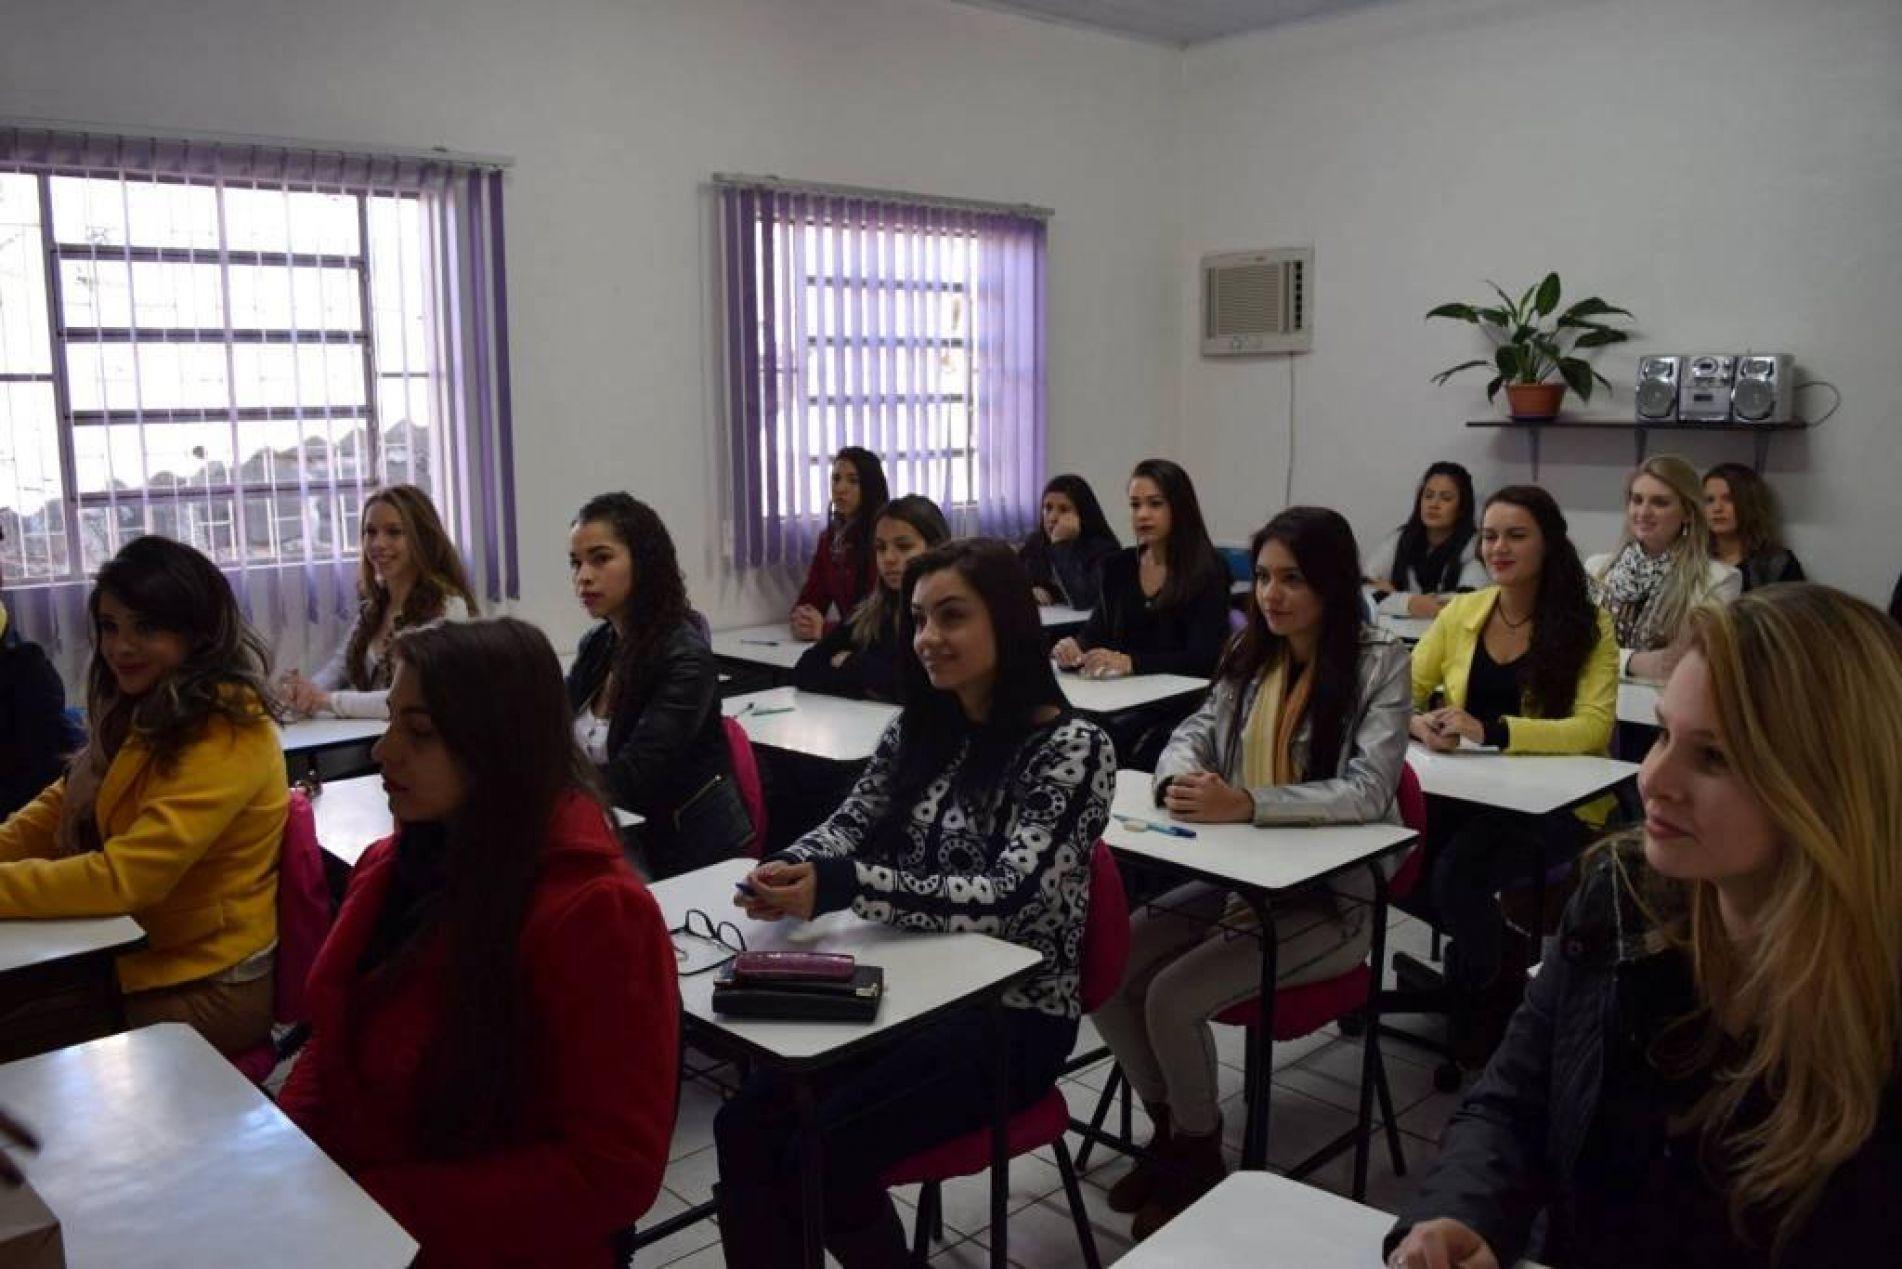 20 candidatas realizaram a prova no domingo, 19